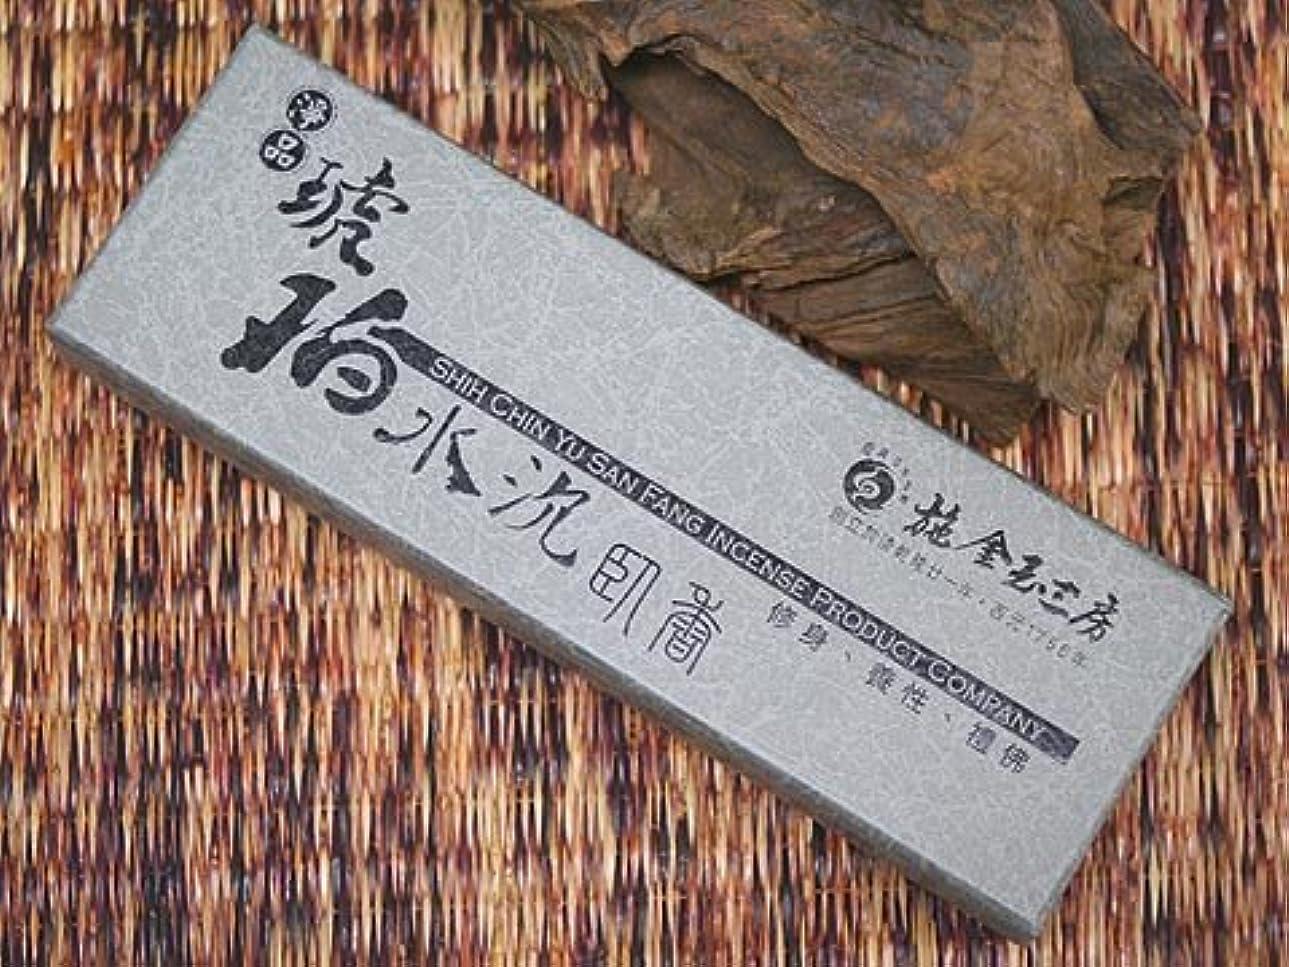 動物園二度予見する施金玉三房 創業1756年台湾鹿港のお香店「施金玉三房」のお香 琥珀水沈香 大容量約320本入りおタイプ